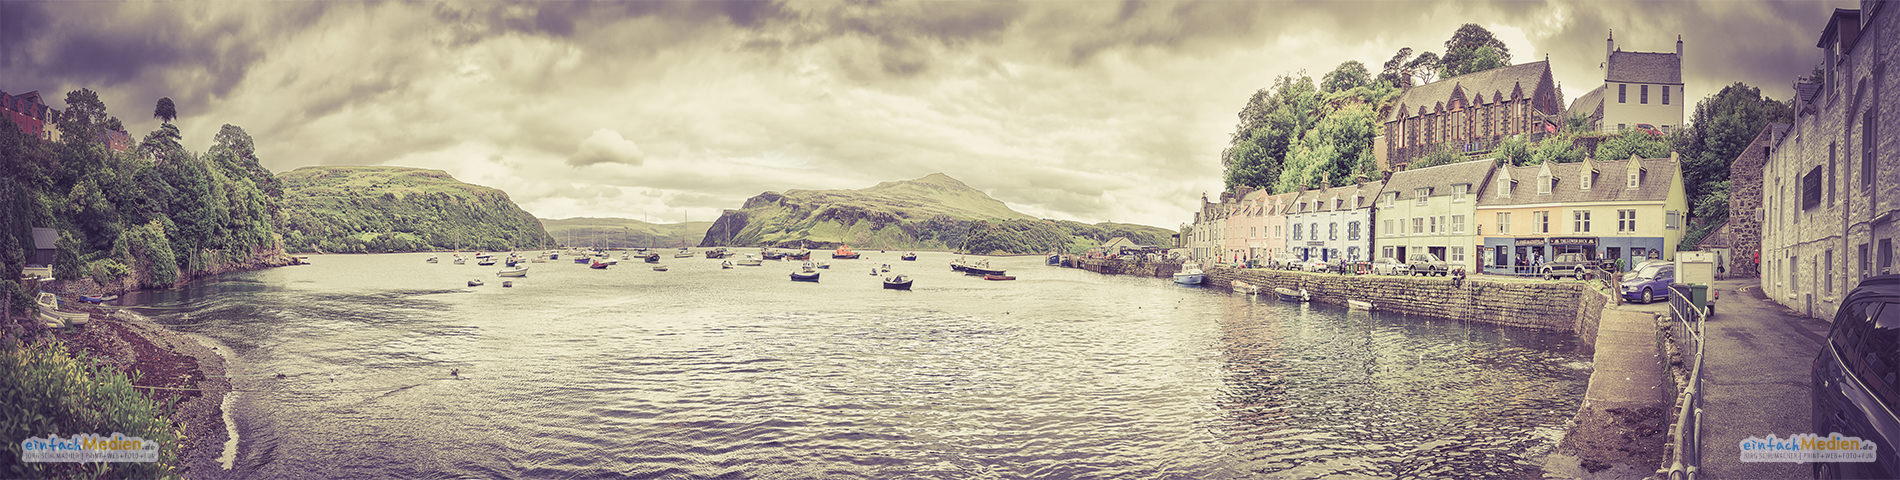 ► Hafen von Portree | Portree Harbour